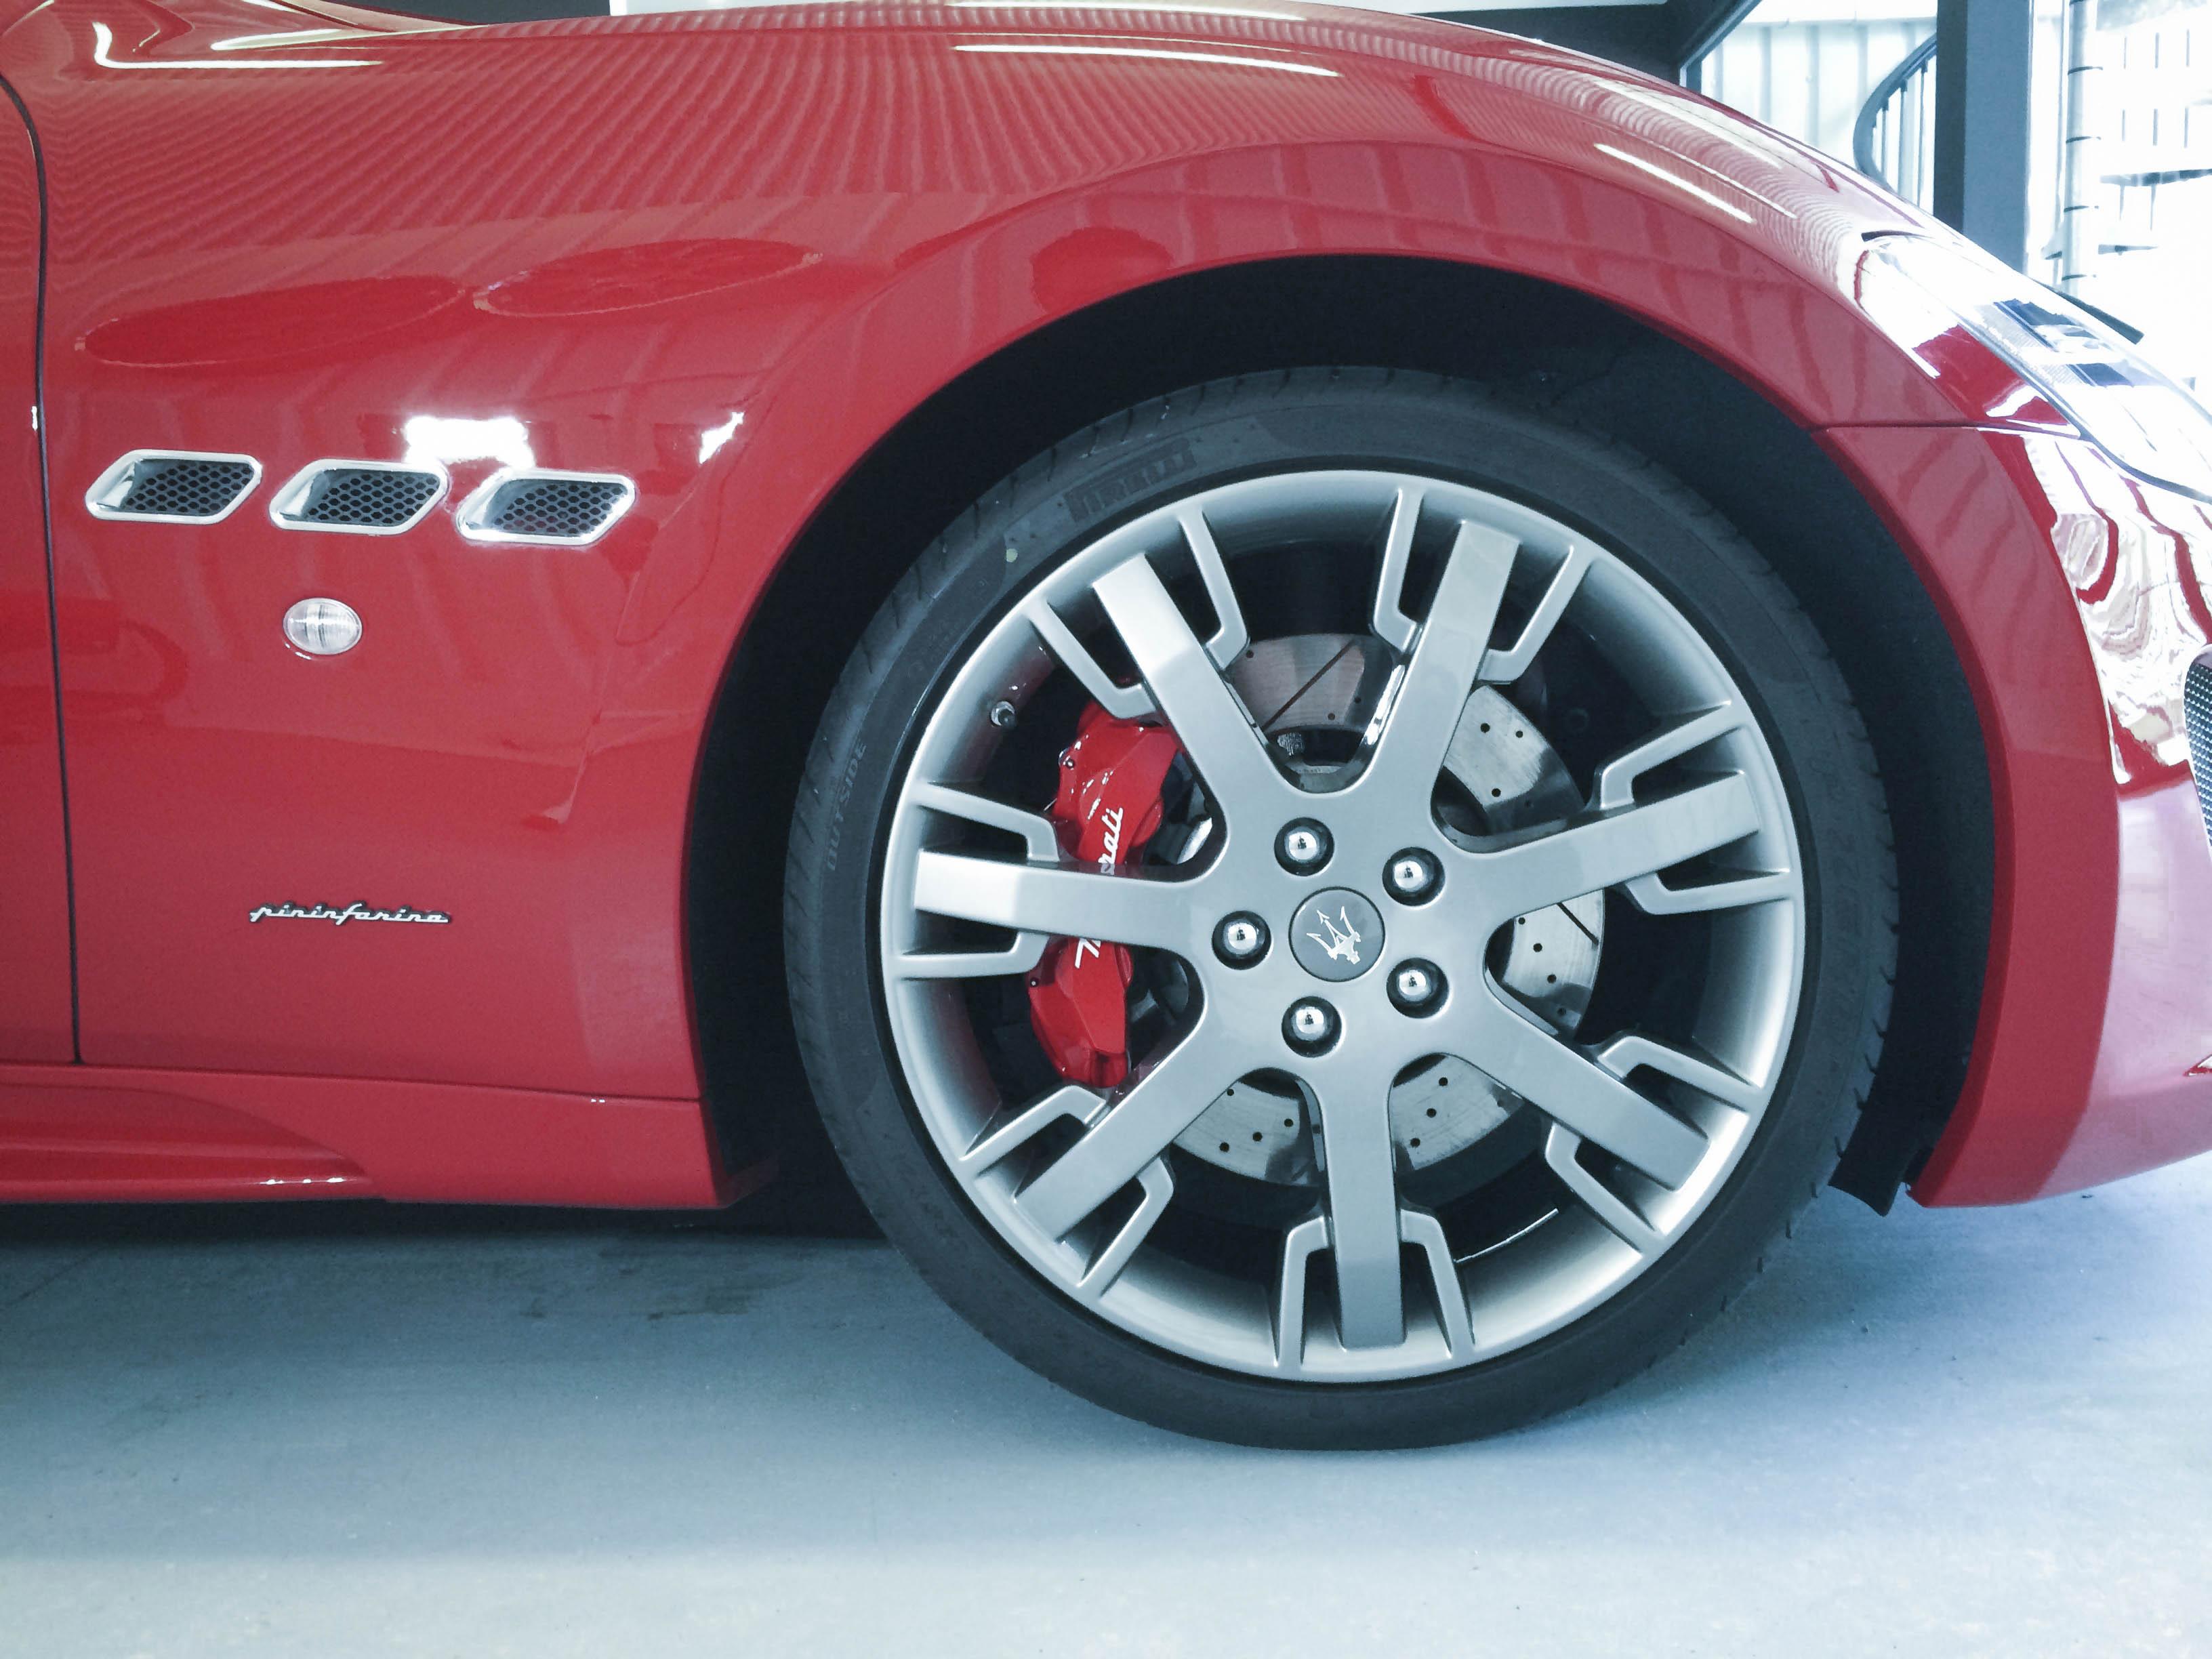 Maserati Gran Turismo – Front wheel